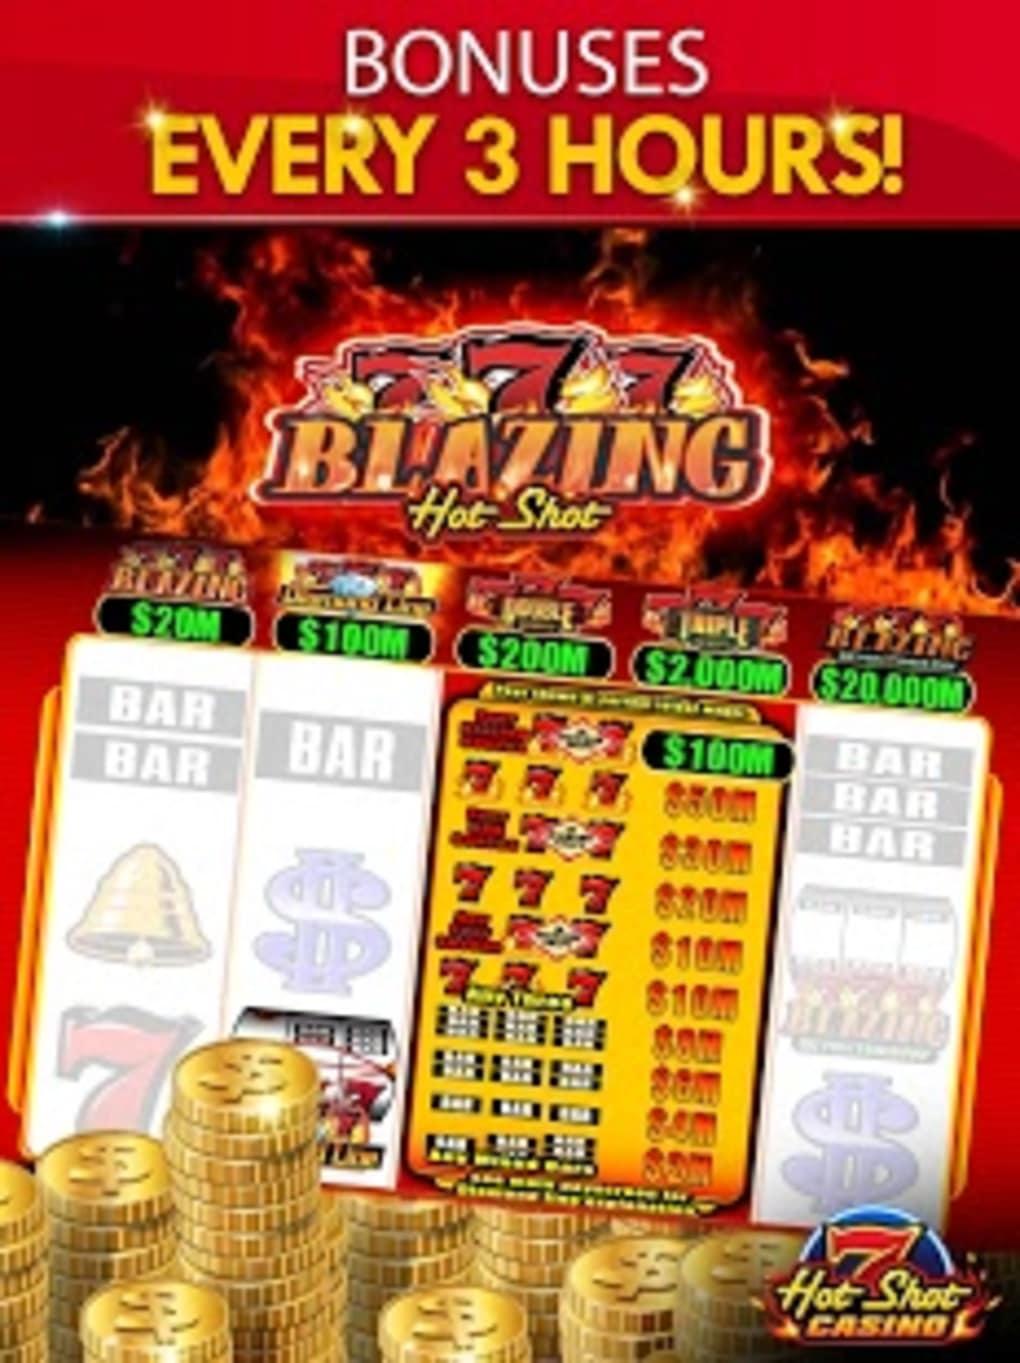 7 hot shot casino